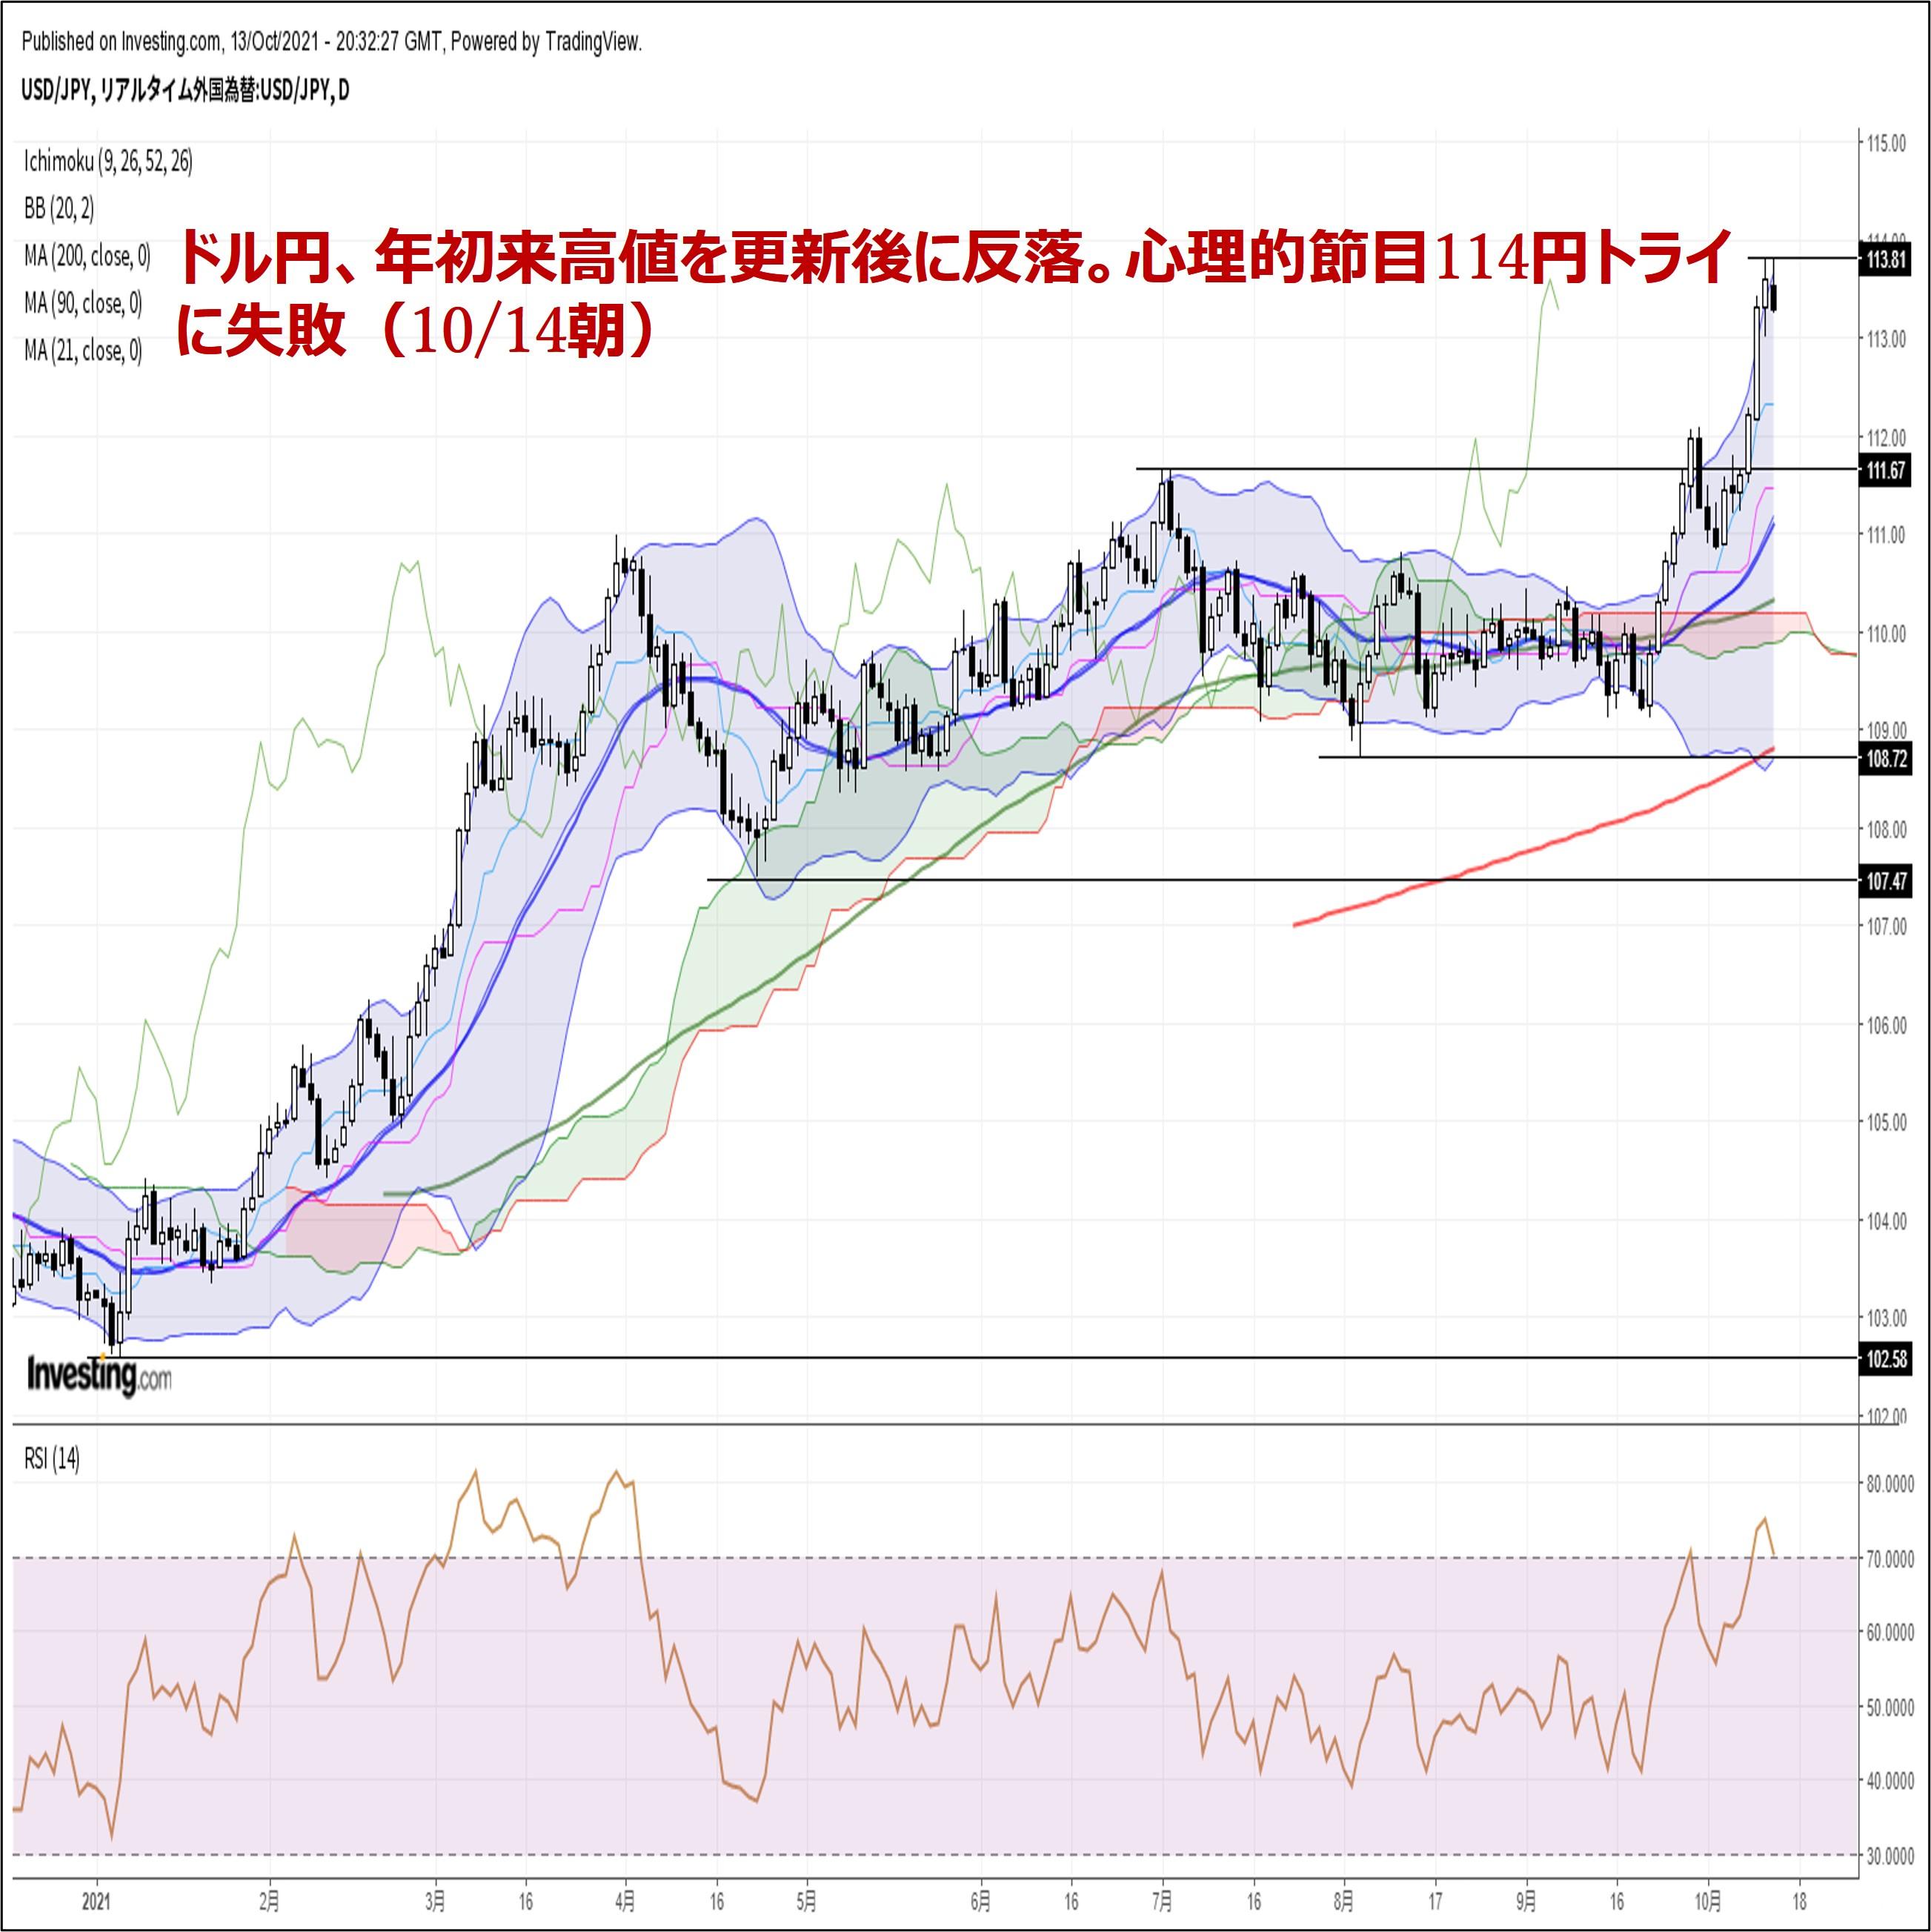 ドル円、年初来高値を更新後に反落。心理的節目114円トライに失敗